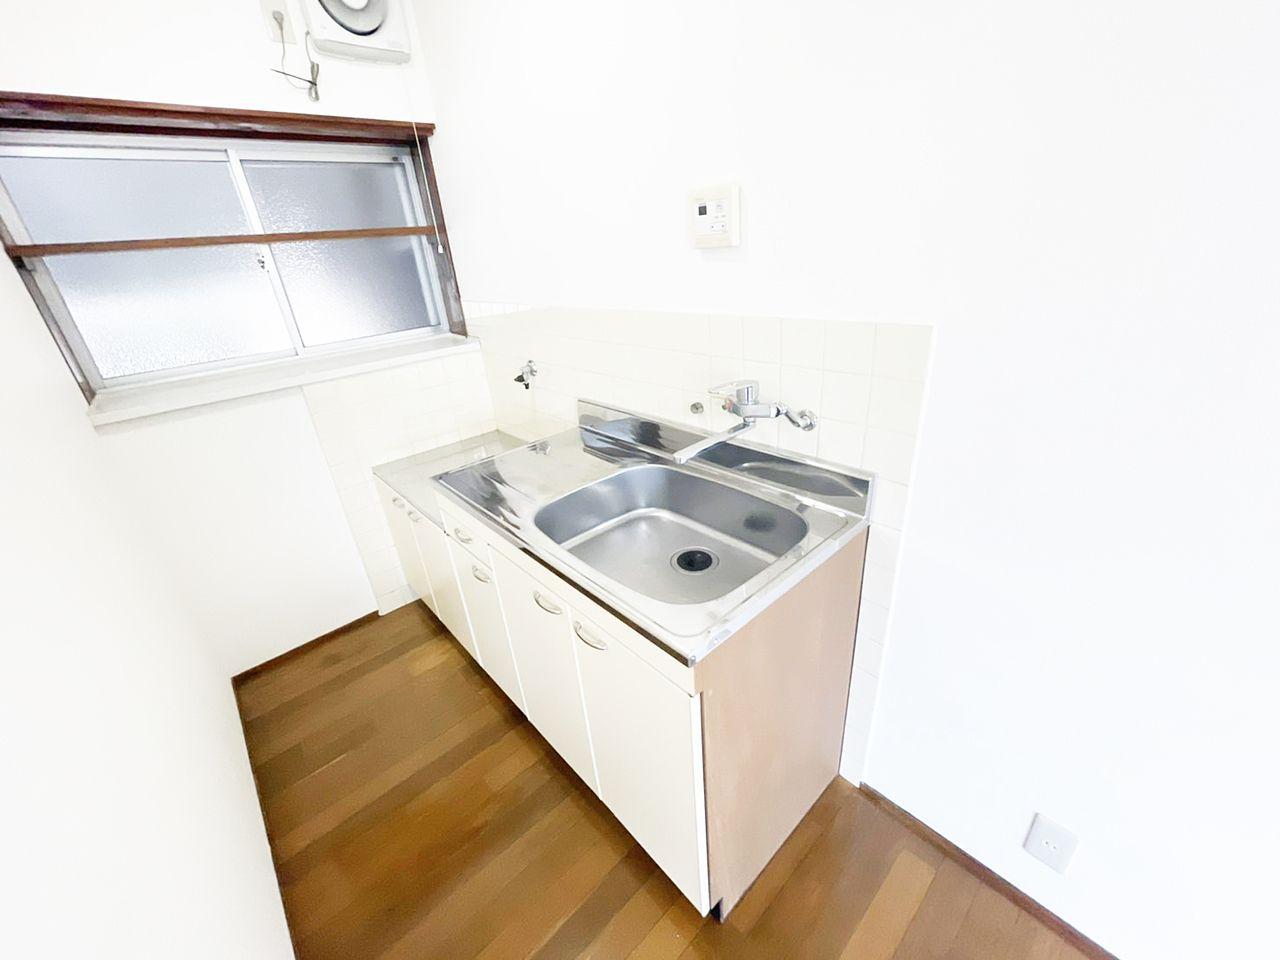 シングルレバー水栓のついたキッチン。お湯と水をレバーひとつで切り替えることができます♪